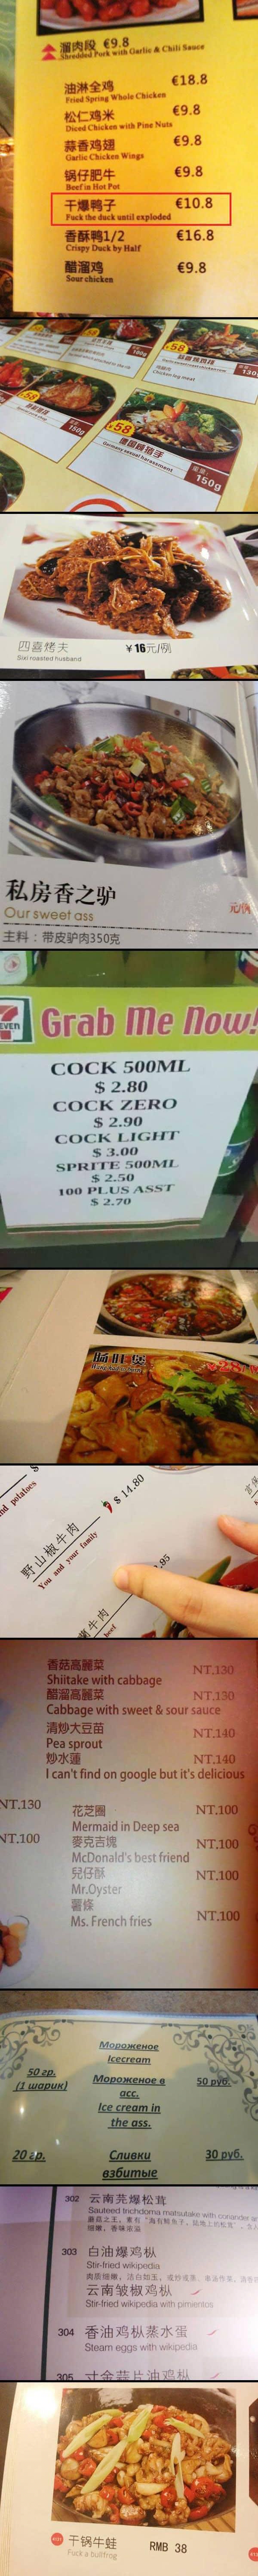 Etwas unglückliche Übersetzungen von Speisekarten